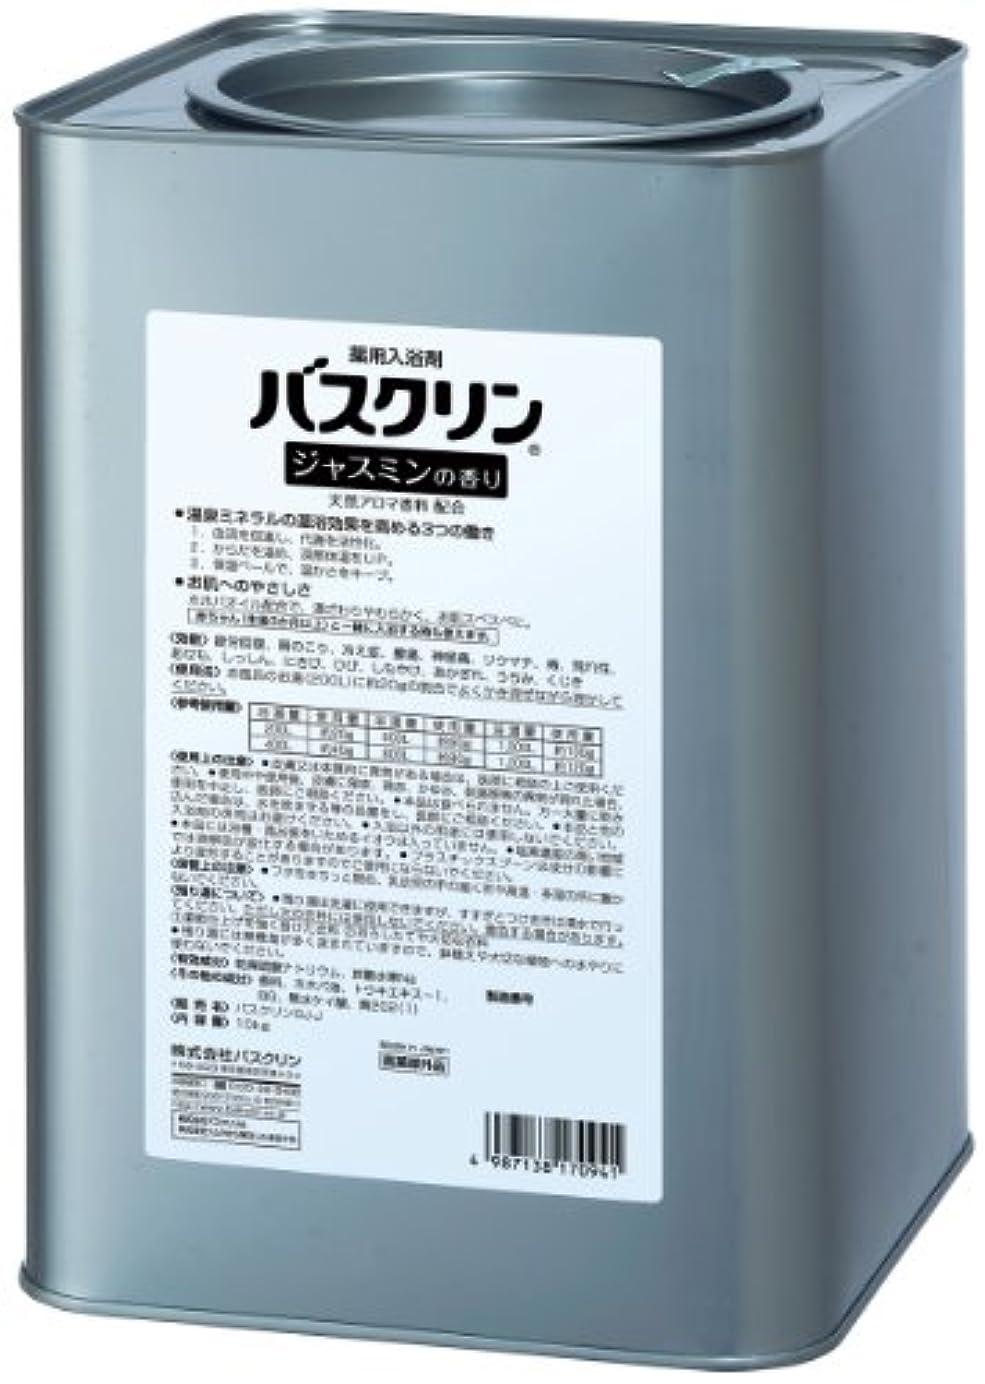 海岸委託かび臭い【業務用】バスクリン ジャスミン 10kg 入浴剤